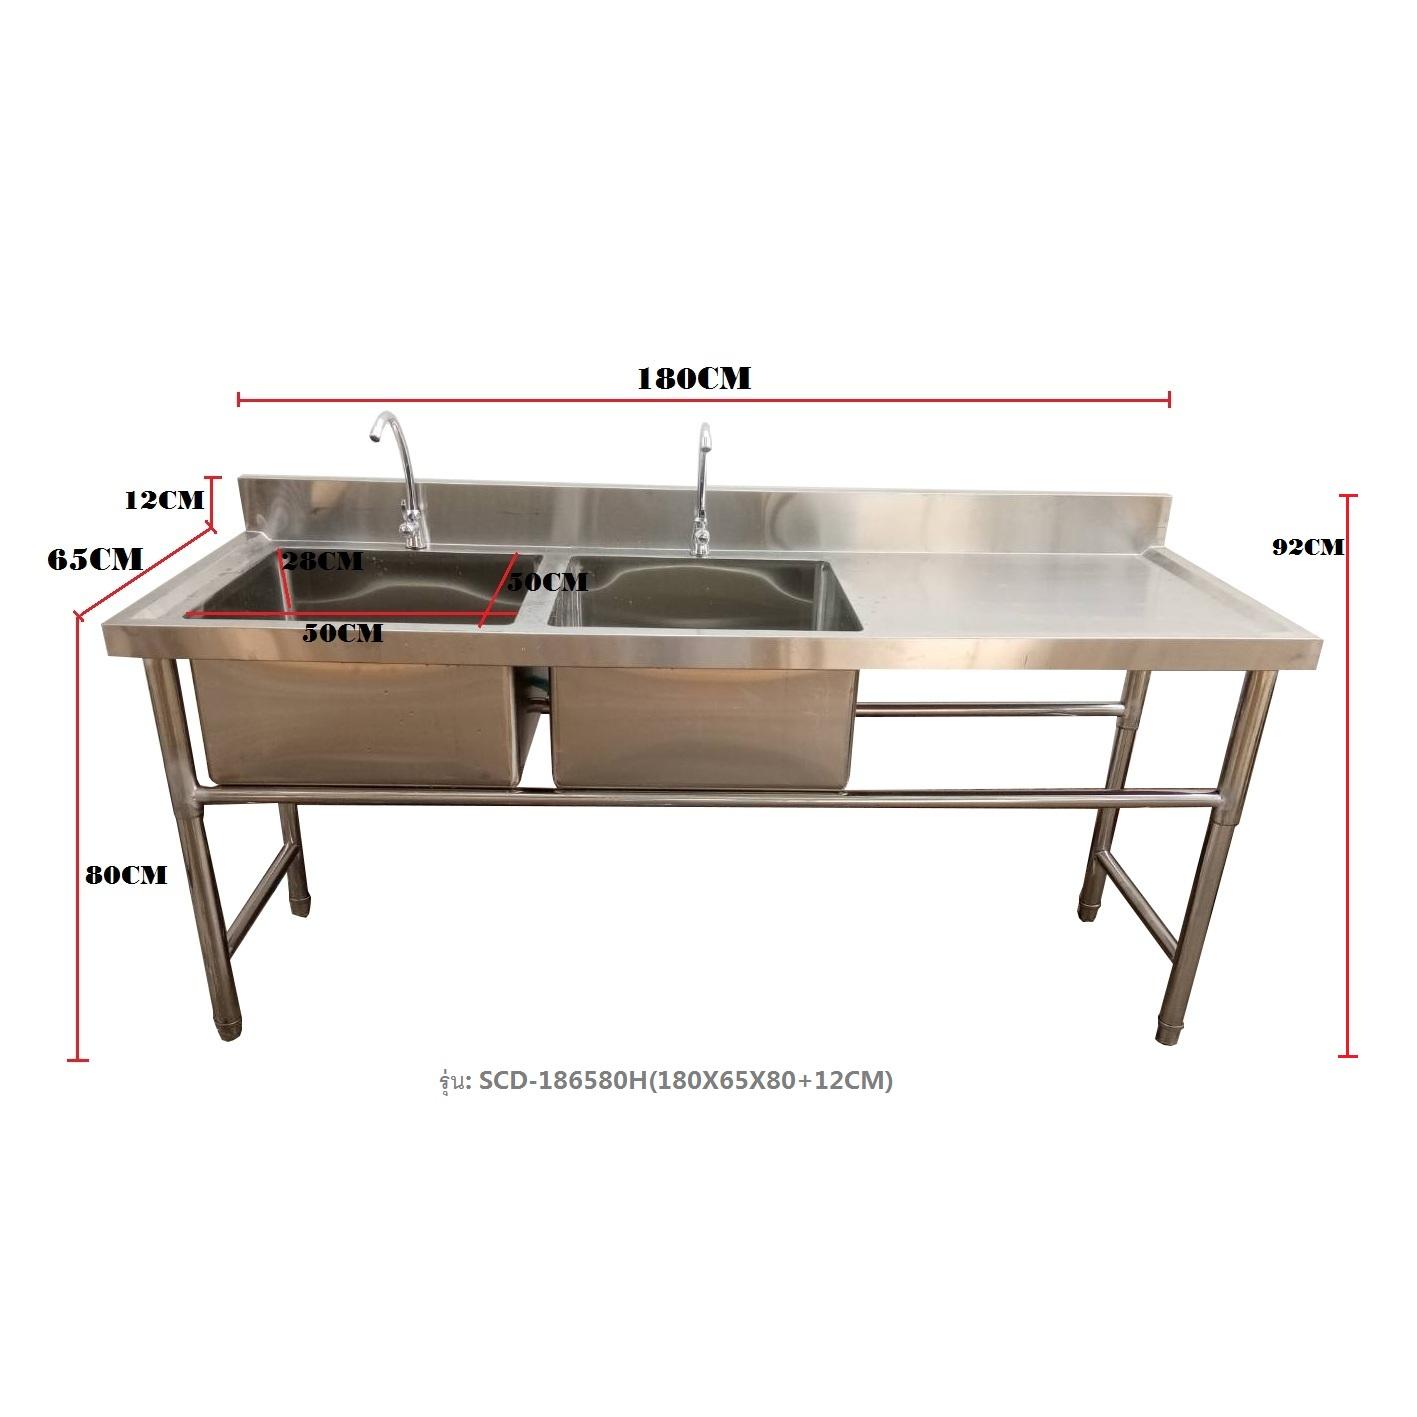 ซิงค์สแตนเลส2หลุมมีที่พักจานพิเศษรุ่น: SCD-186580H